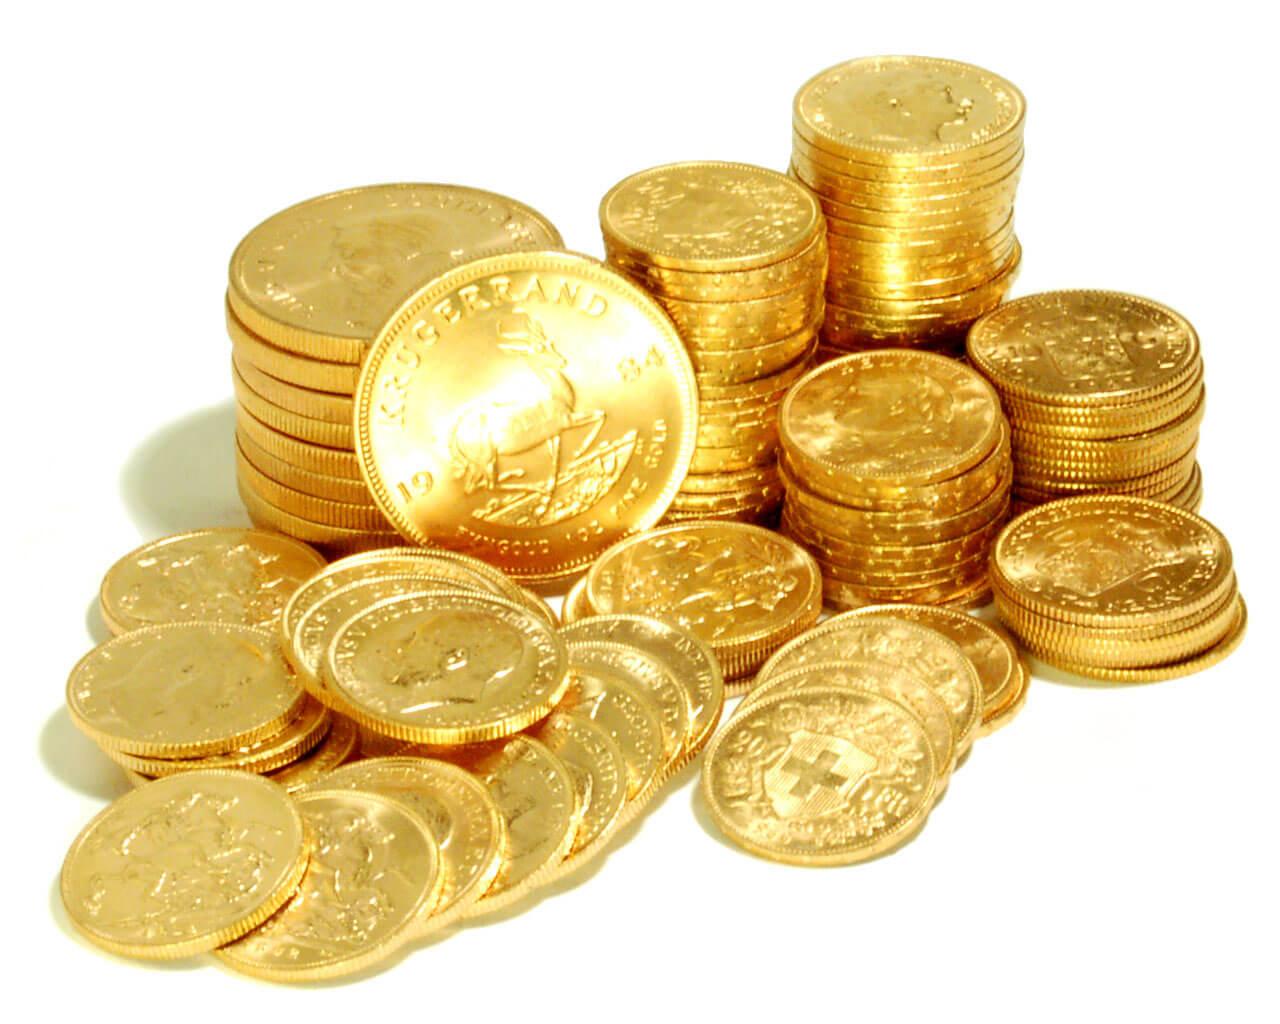 اخبار طلا و ارز,خبرهای طلا و ارز,طلا و ارز,قیمت سکه امامی